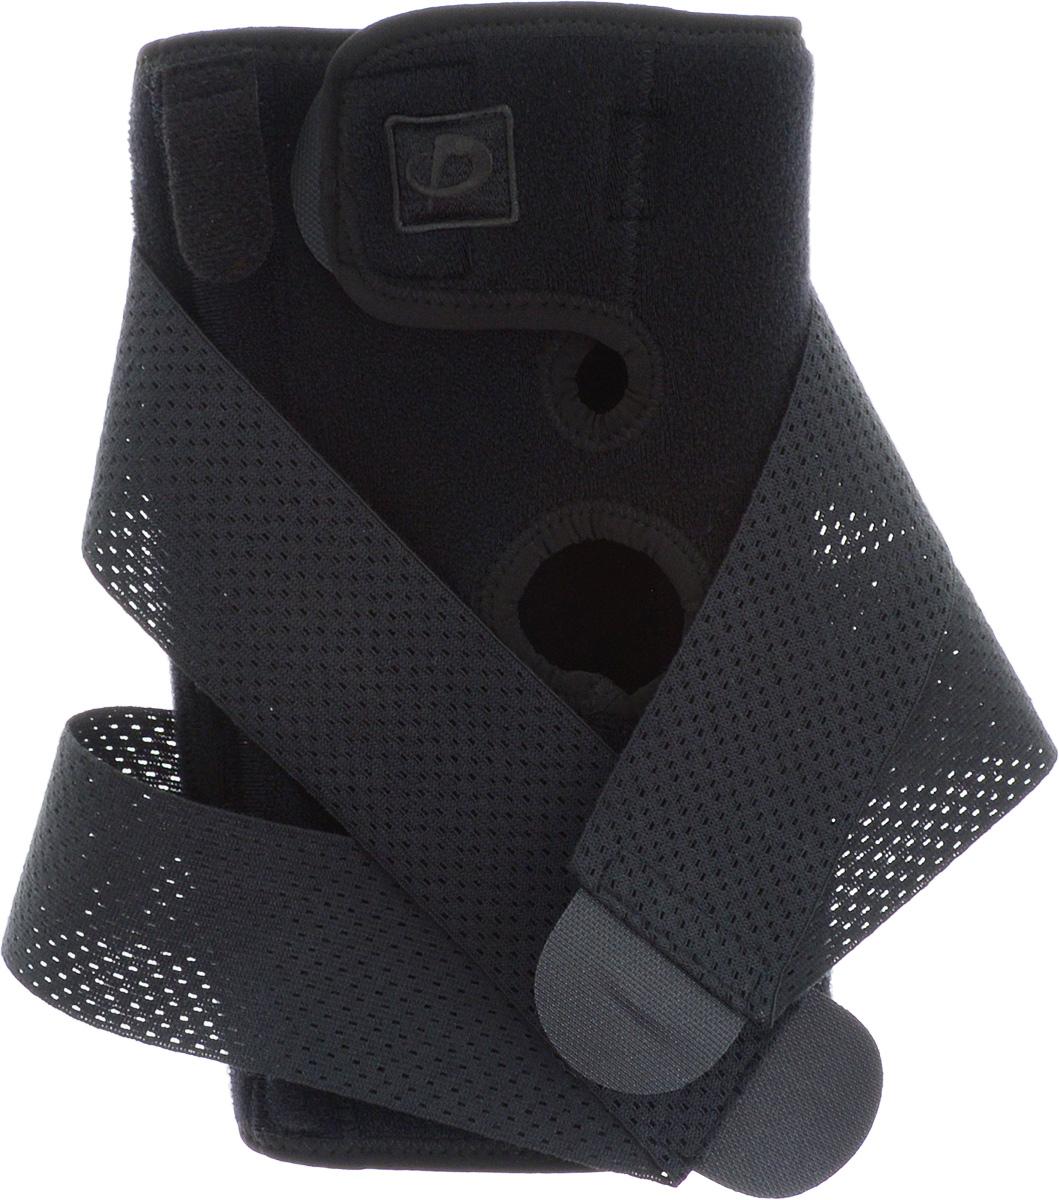 Суппорт колена Phiten Hard Type. Размер М (42-48 см)AIRWHEEL Q3-340WH-BLACKСуппорт колена Phiten Hard Type обеспечивает мягкую фиксацию сустава, активное воздействие на проприоцепторы, снятие суставного, связочного и мышечного напряжения, облегчение болевых ощущений. Показания к применению: все виды воспаления коленного сустава, растяжение мышц и связок коленного сустава, бурситы, хронические дегенеративные заболевания суставов, артроз коленного сустава, артрит и остеоартрит, пателлофеморальный болевой синдром. Жесткая, но регулируемая благодаря специальному ремню фиксация этого суппорта идеально подходит для ношения в течение всего дня или при восстановлении после травм коленного сустава, мышц и связок. Благодаря специальной пропитке акватитаном, пояс способствует скорейшему восстановлению после травмы. Материал: наружная часть: нейлон 93%, полиуретан 7%; внутренняя часть: нейлон 80%, полиуретан 20%; липучка: полиэстер 100%; акватитан, аквапалладий. Обхват колена: 42-48 см.